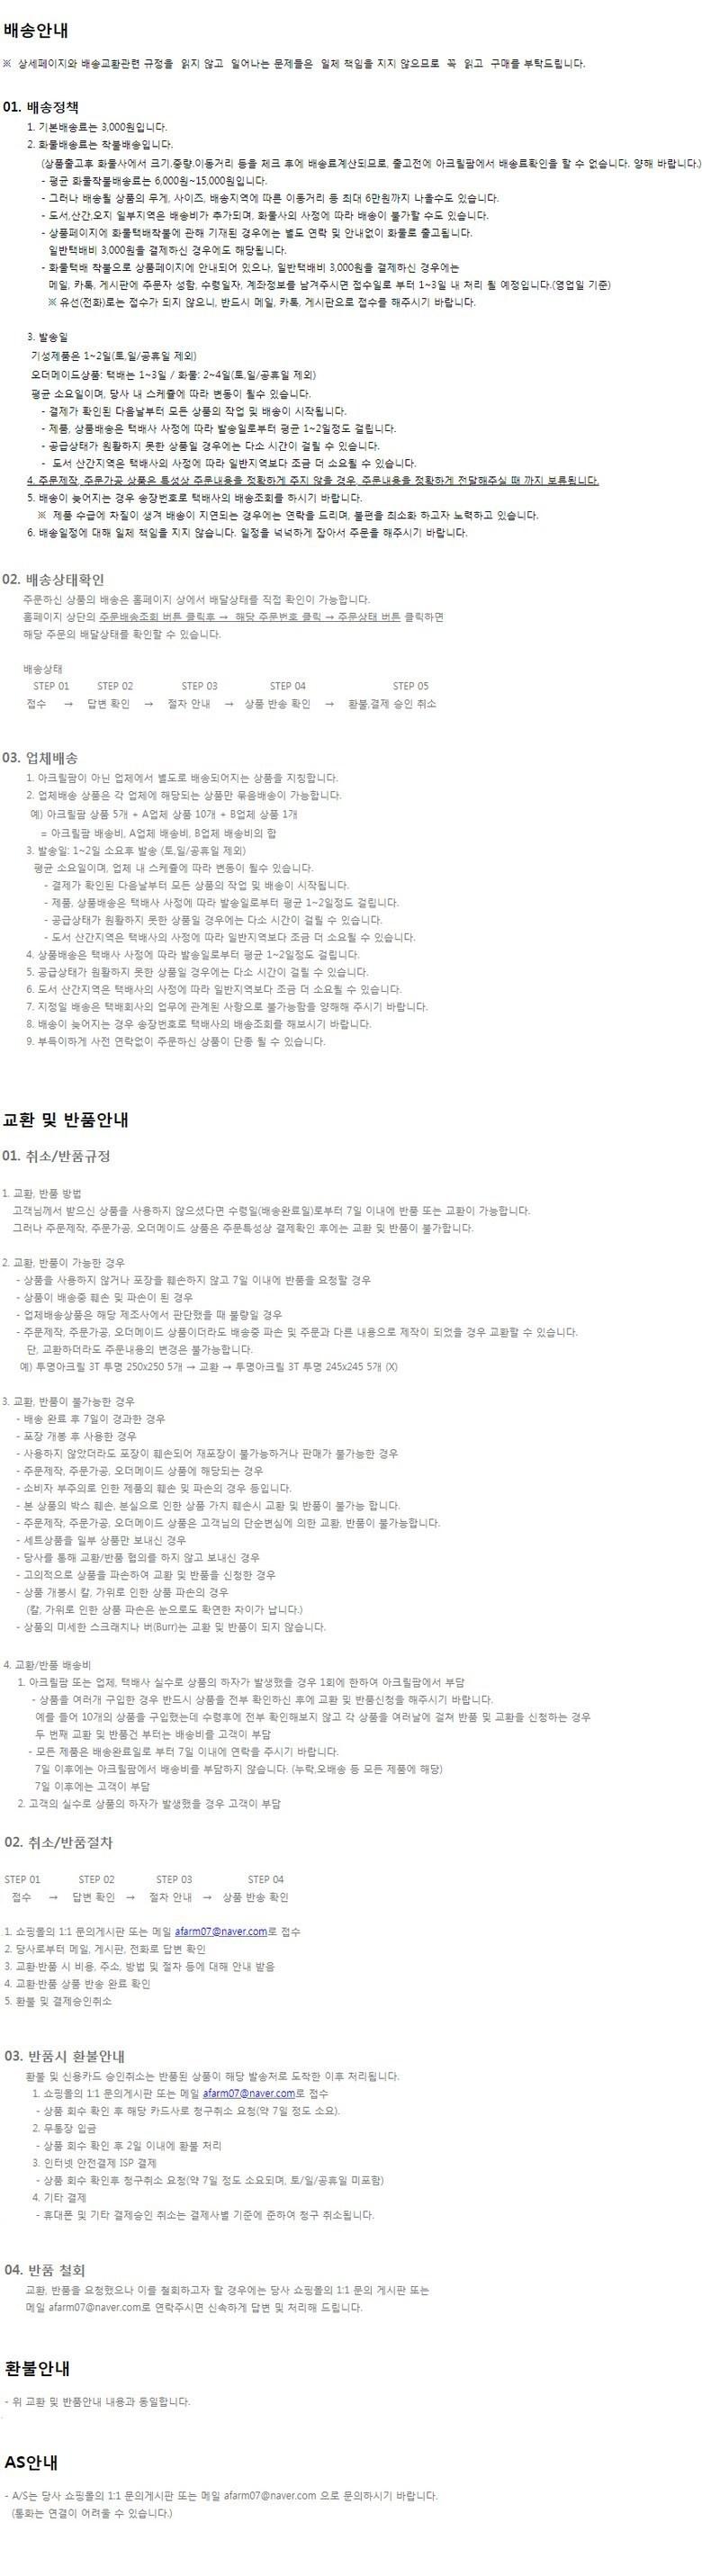 라운드 미니 도어사인 - 아크릴팜, 9,200원, 문패/보드, 아크릴문패